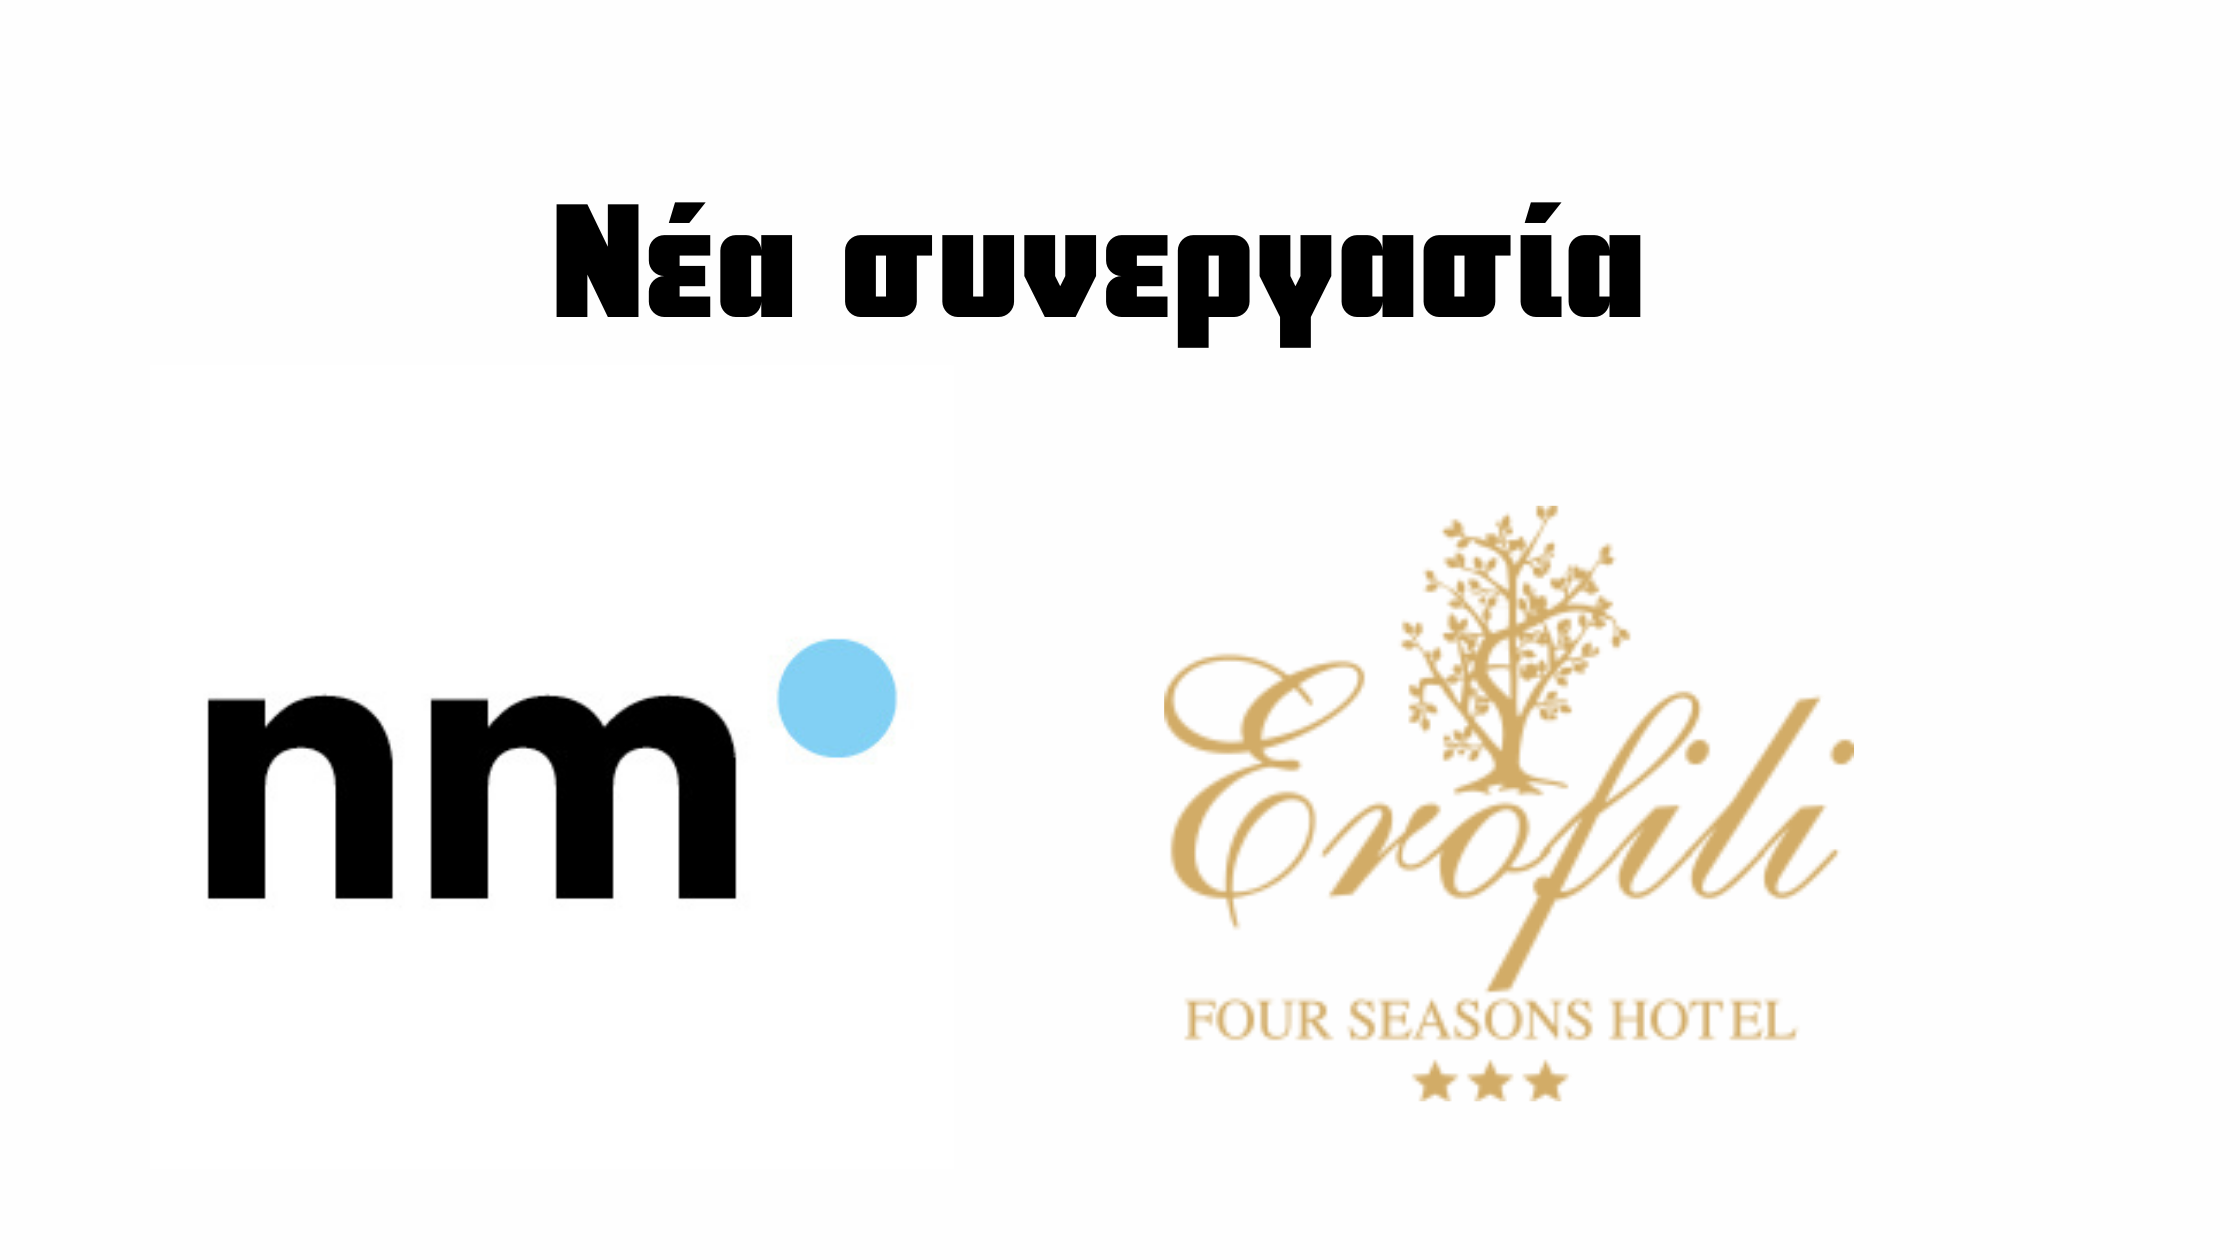 Συνεργασία Nea Mesa Tourism Marketing & Sales με το ξενοδοχείο Erofili Hotel στην Πορταριά Πηλίου